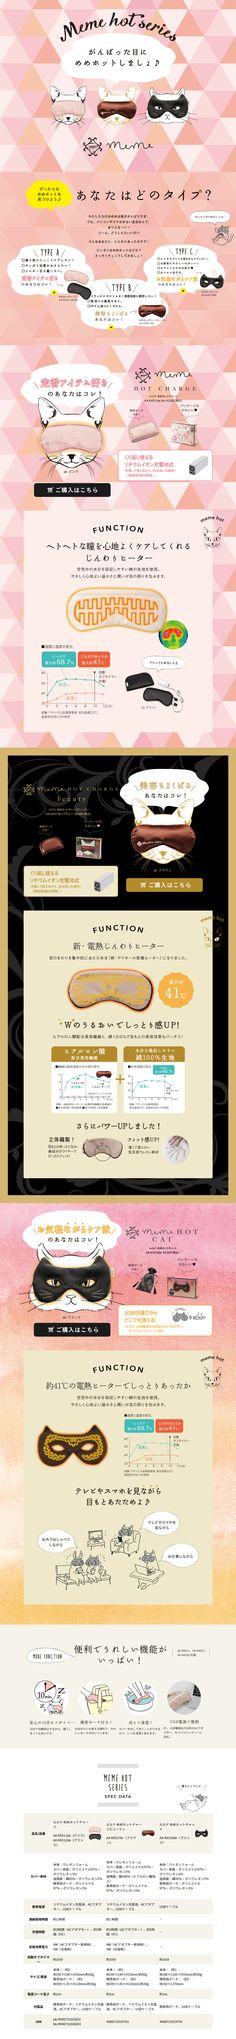 めめホットLP Web Design, Graph Design, Site Design, French Pop, Note Memo, Japanese Design, Layout Inspiration, Web Banner, Designing Women